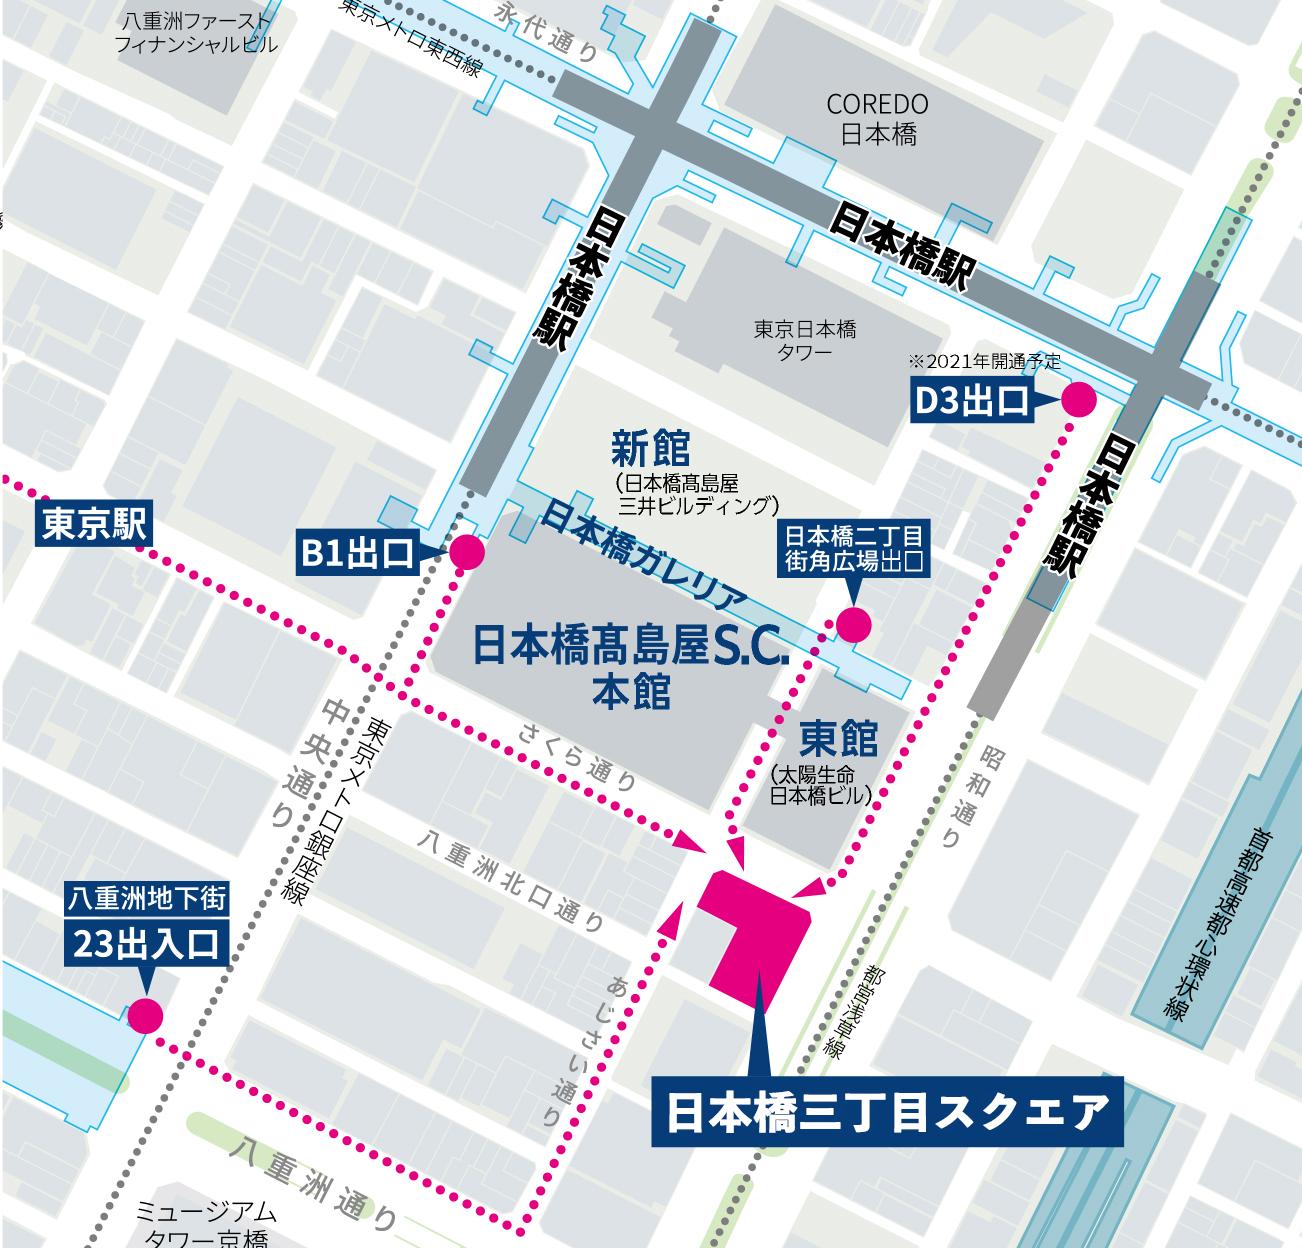 日本橋三丁目スクエア